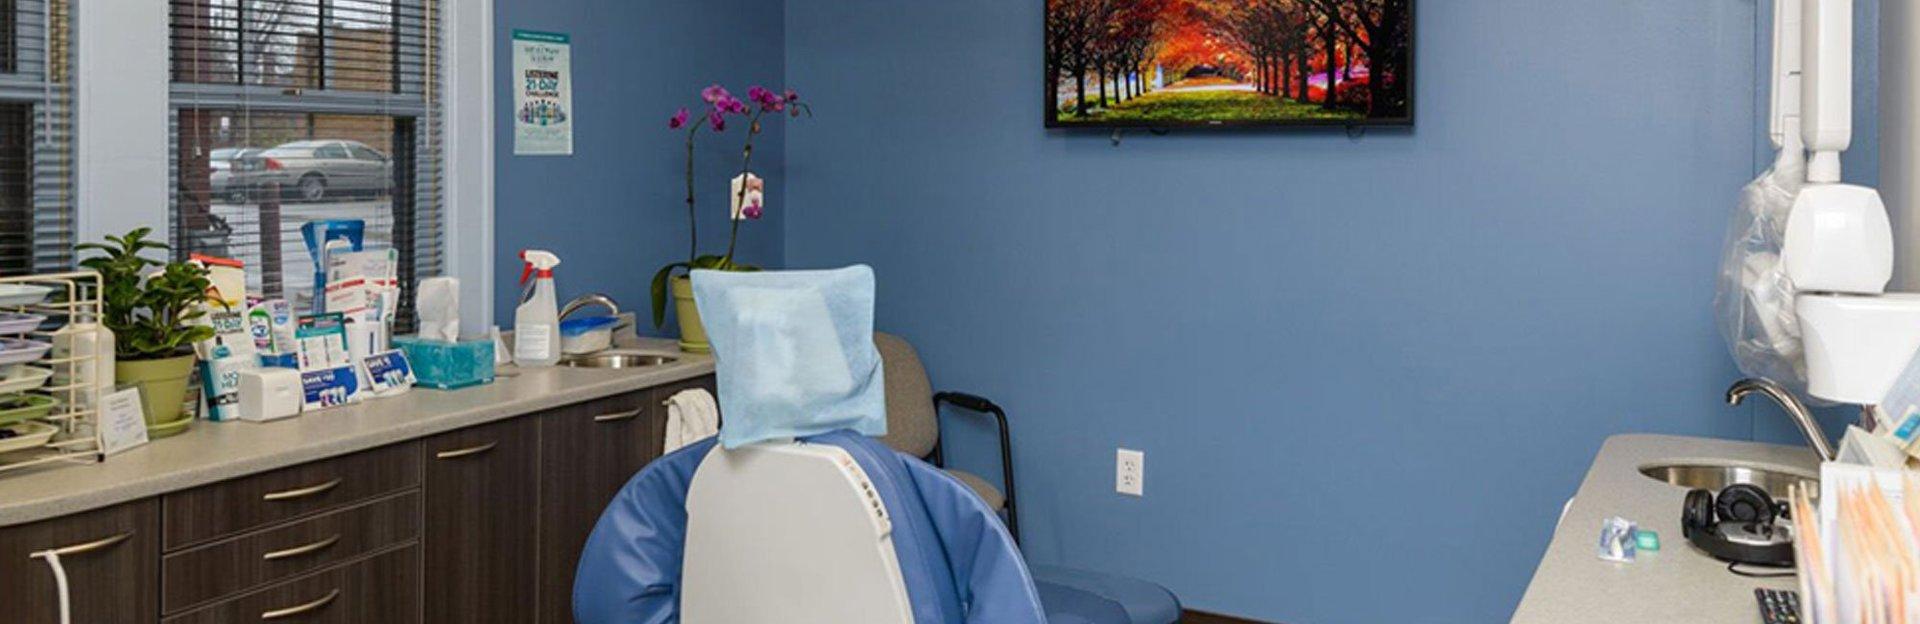 Groveland Dental